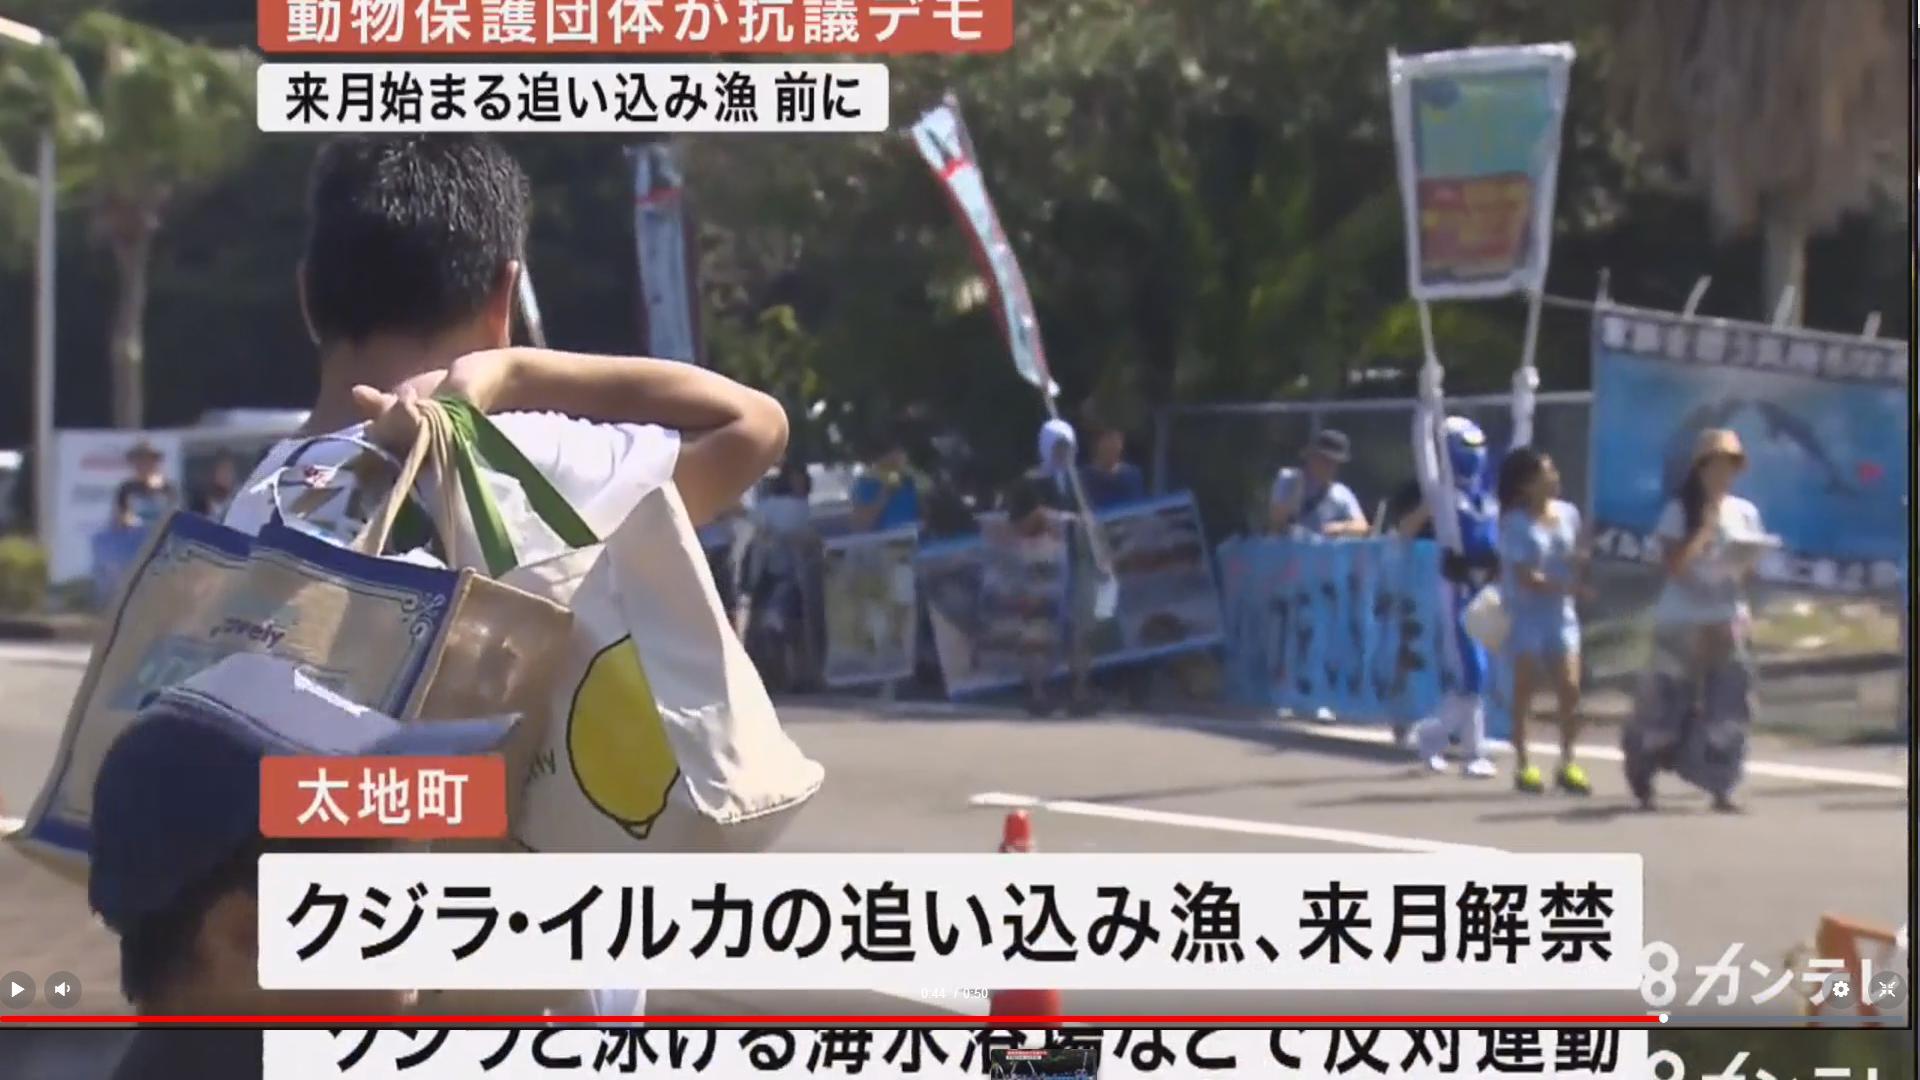 taijidemokansaiTV8.jpg